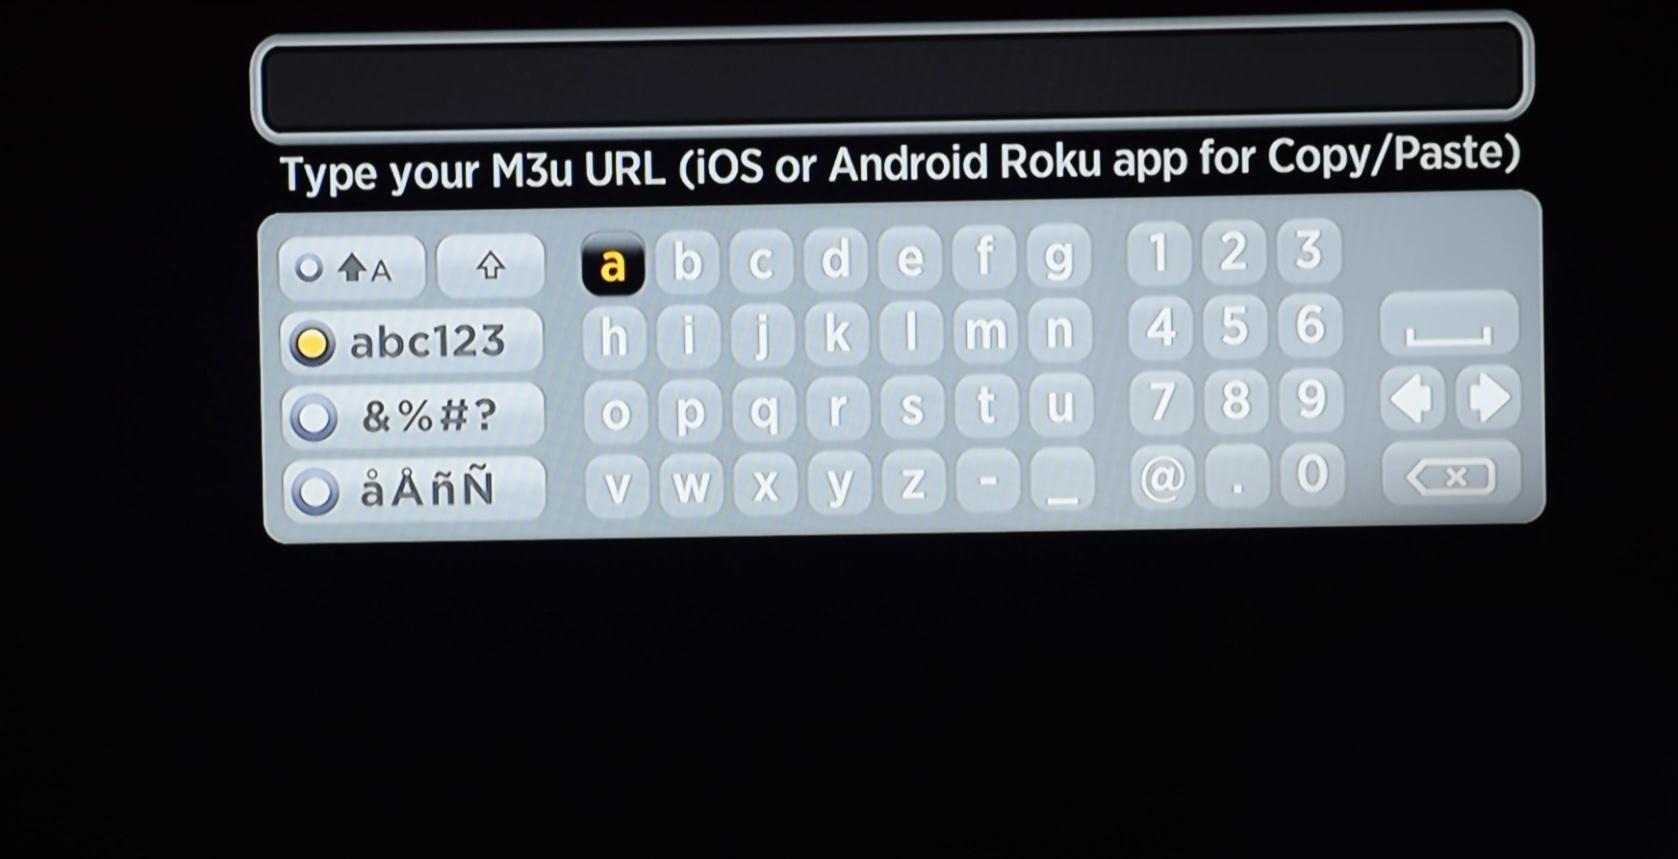 Using Roku